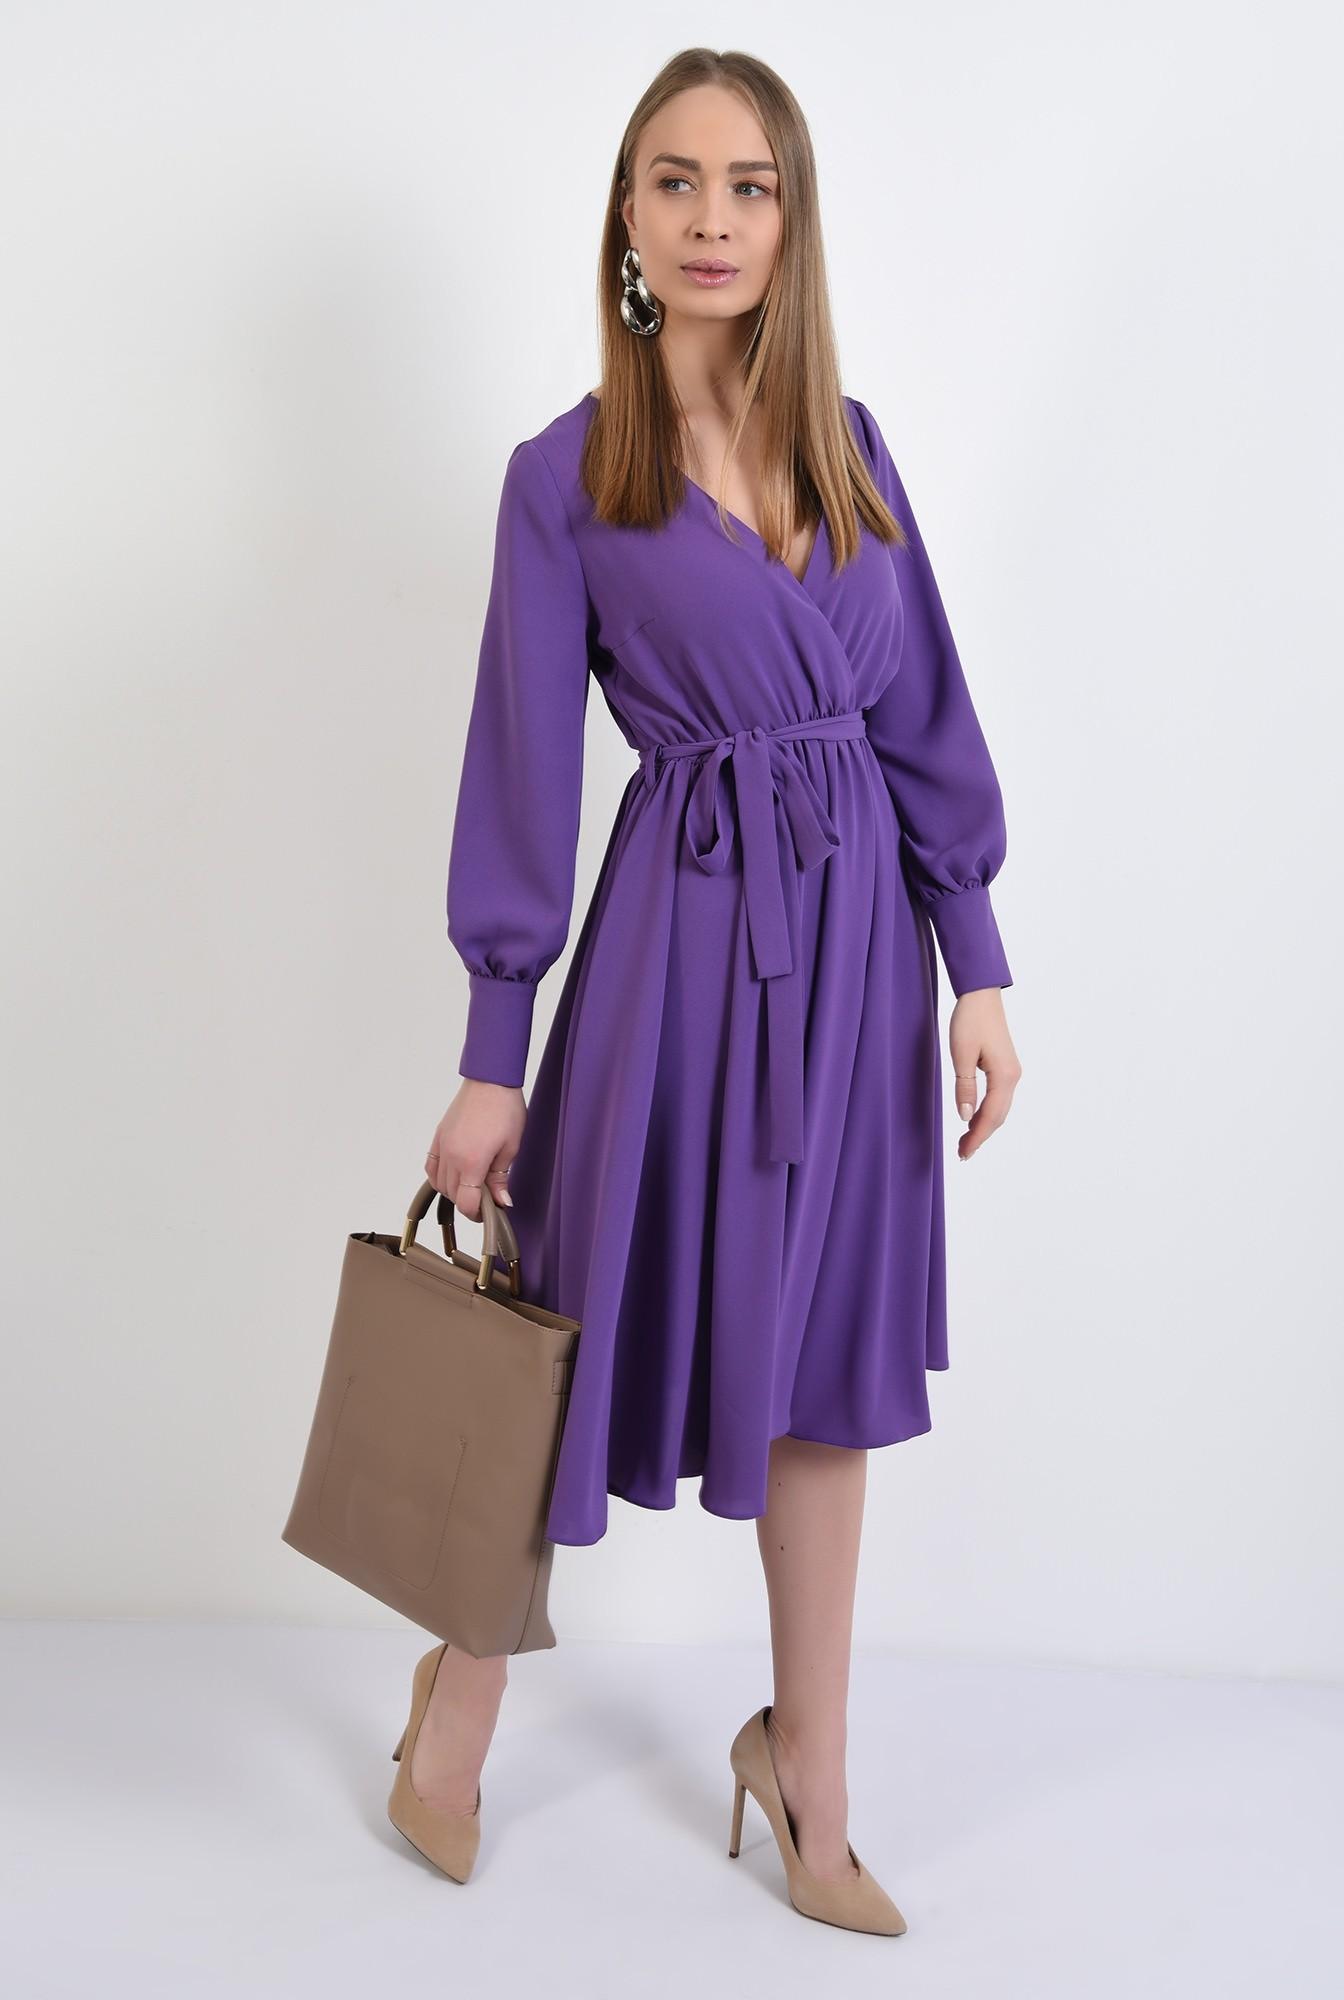 0 -  rochie casual, evazata, midi, cu cordon, anchior petrecut, maneci lungi